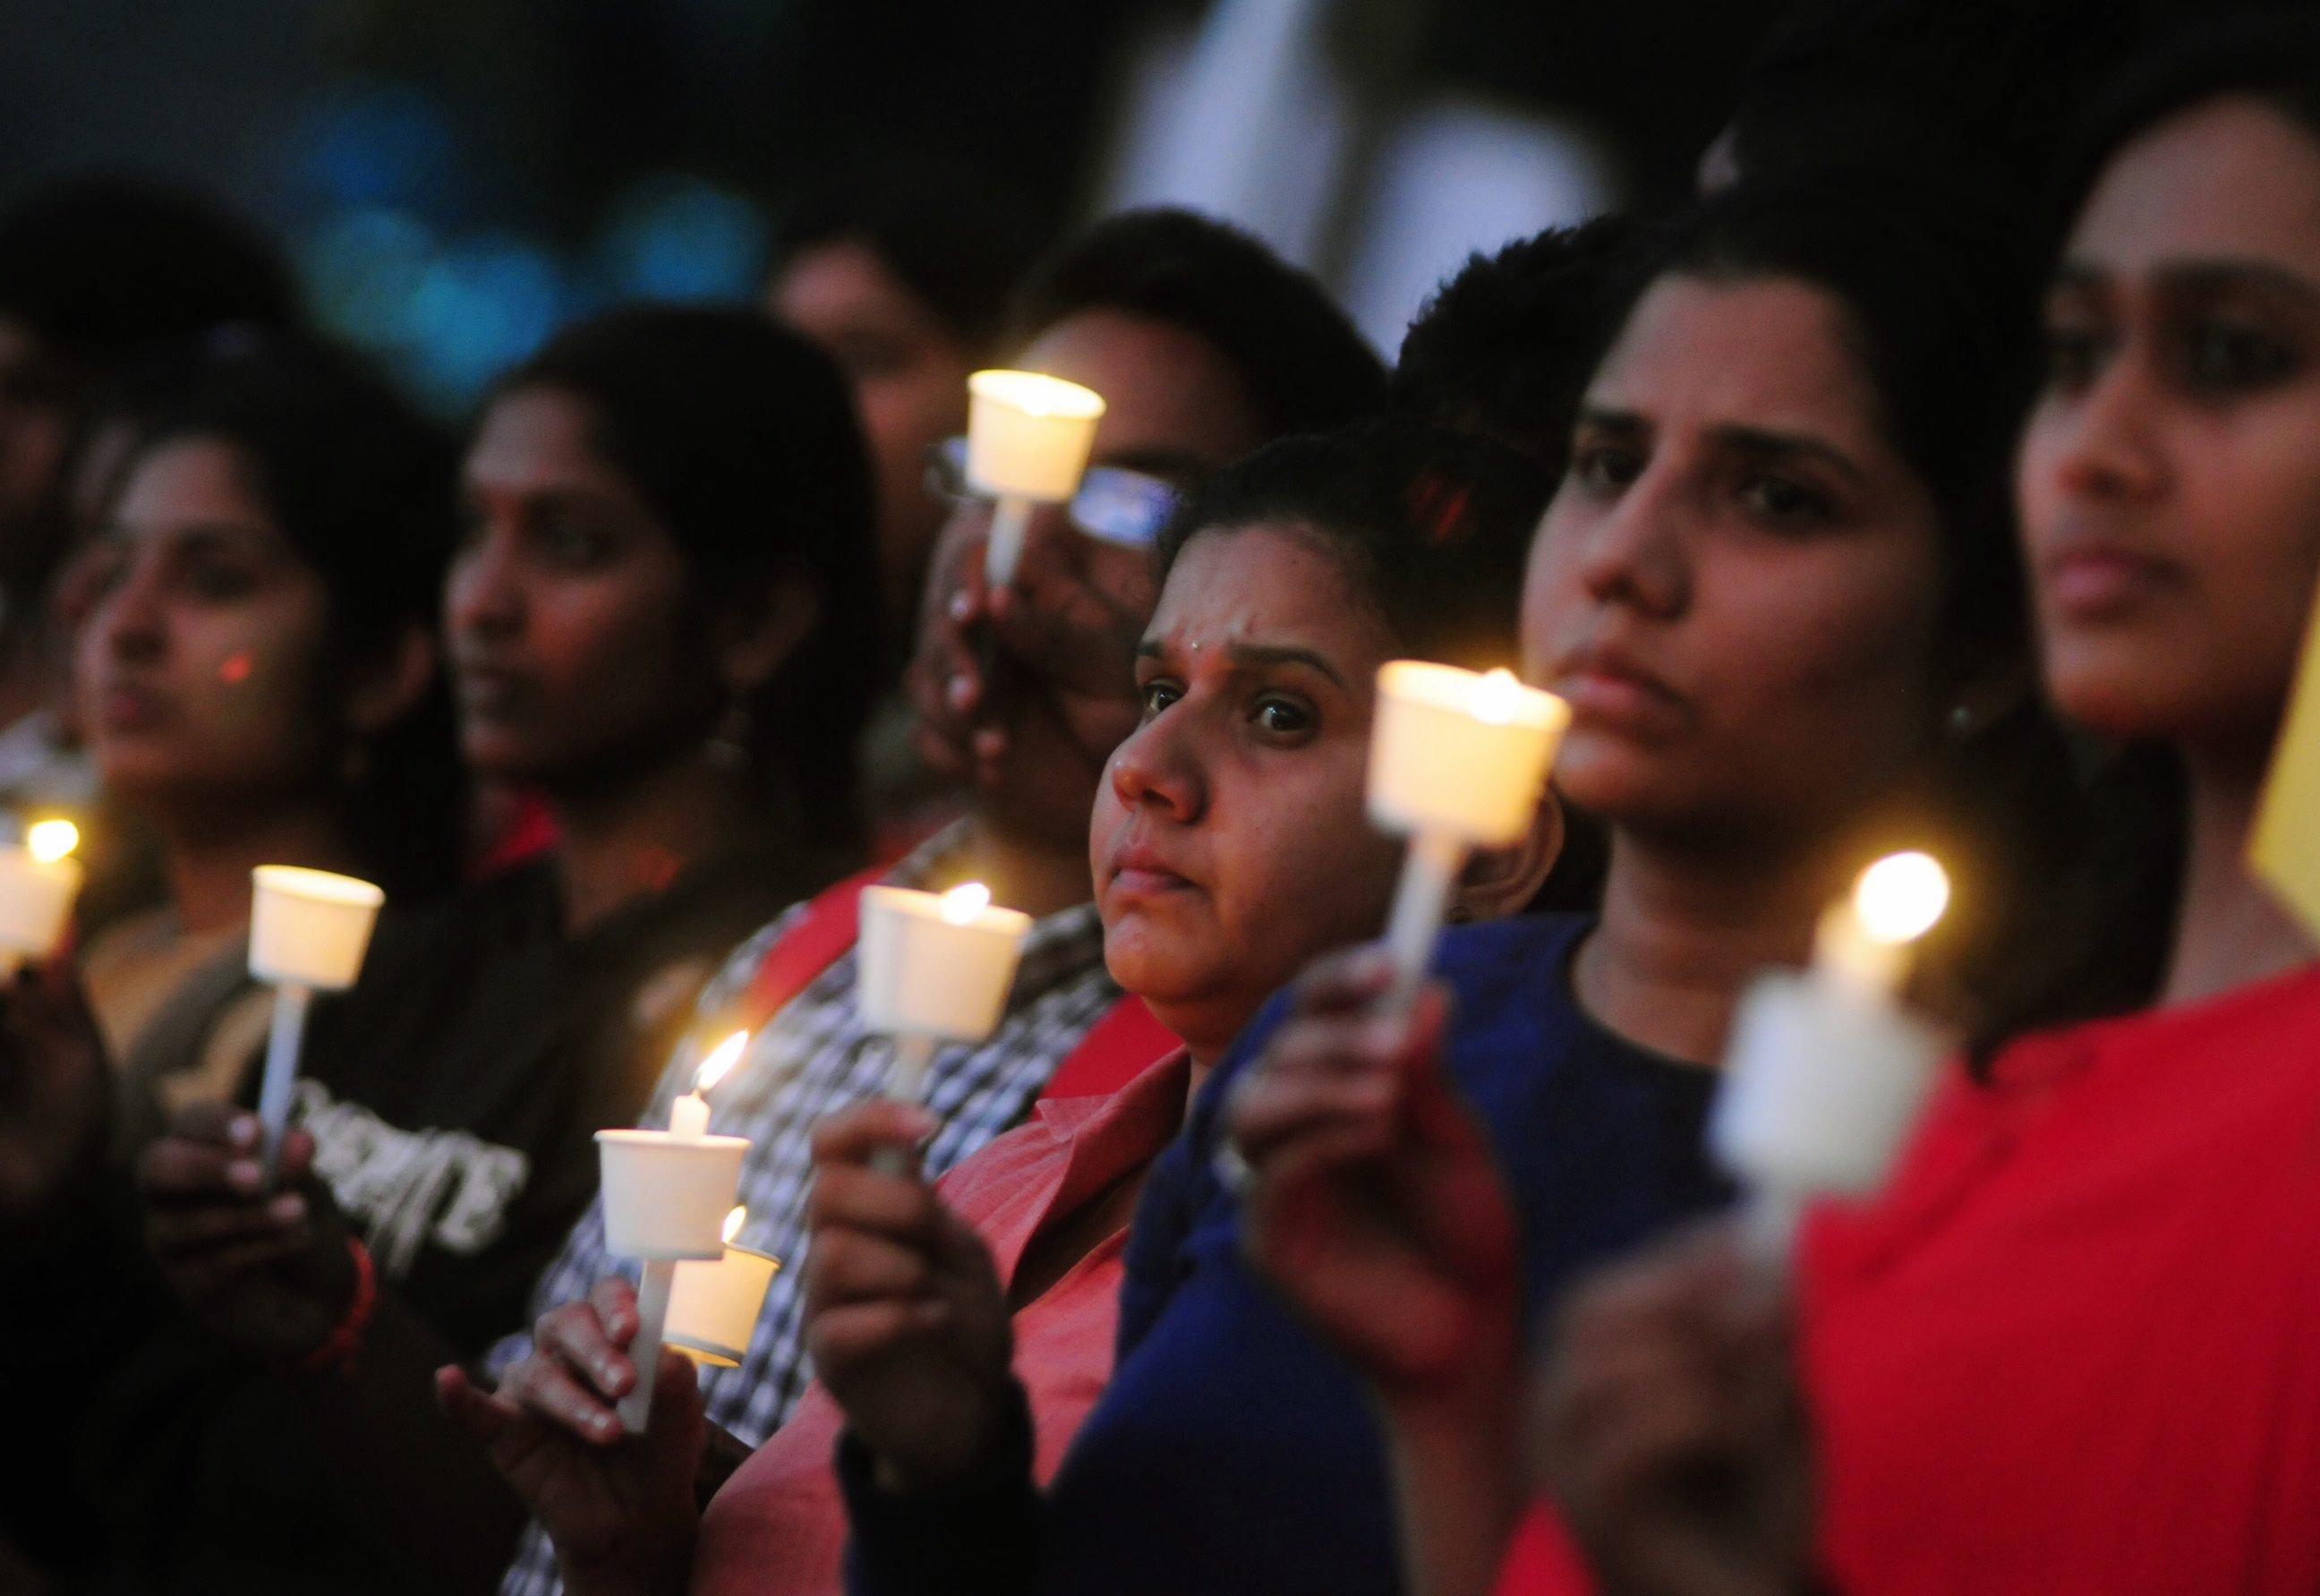 Die Katastrophe von Bhopal bleibt unvergessen: Bis heute sind über 200.000 Menschen an den Folgen der giftigen Chemiewolke erkrankt, rund 30.000 sind gestorben.